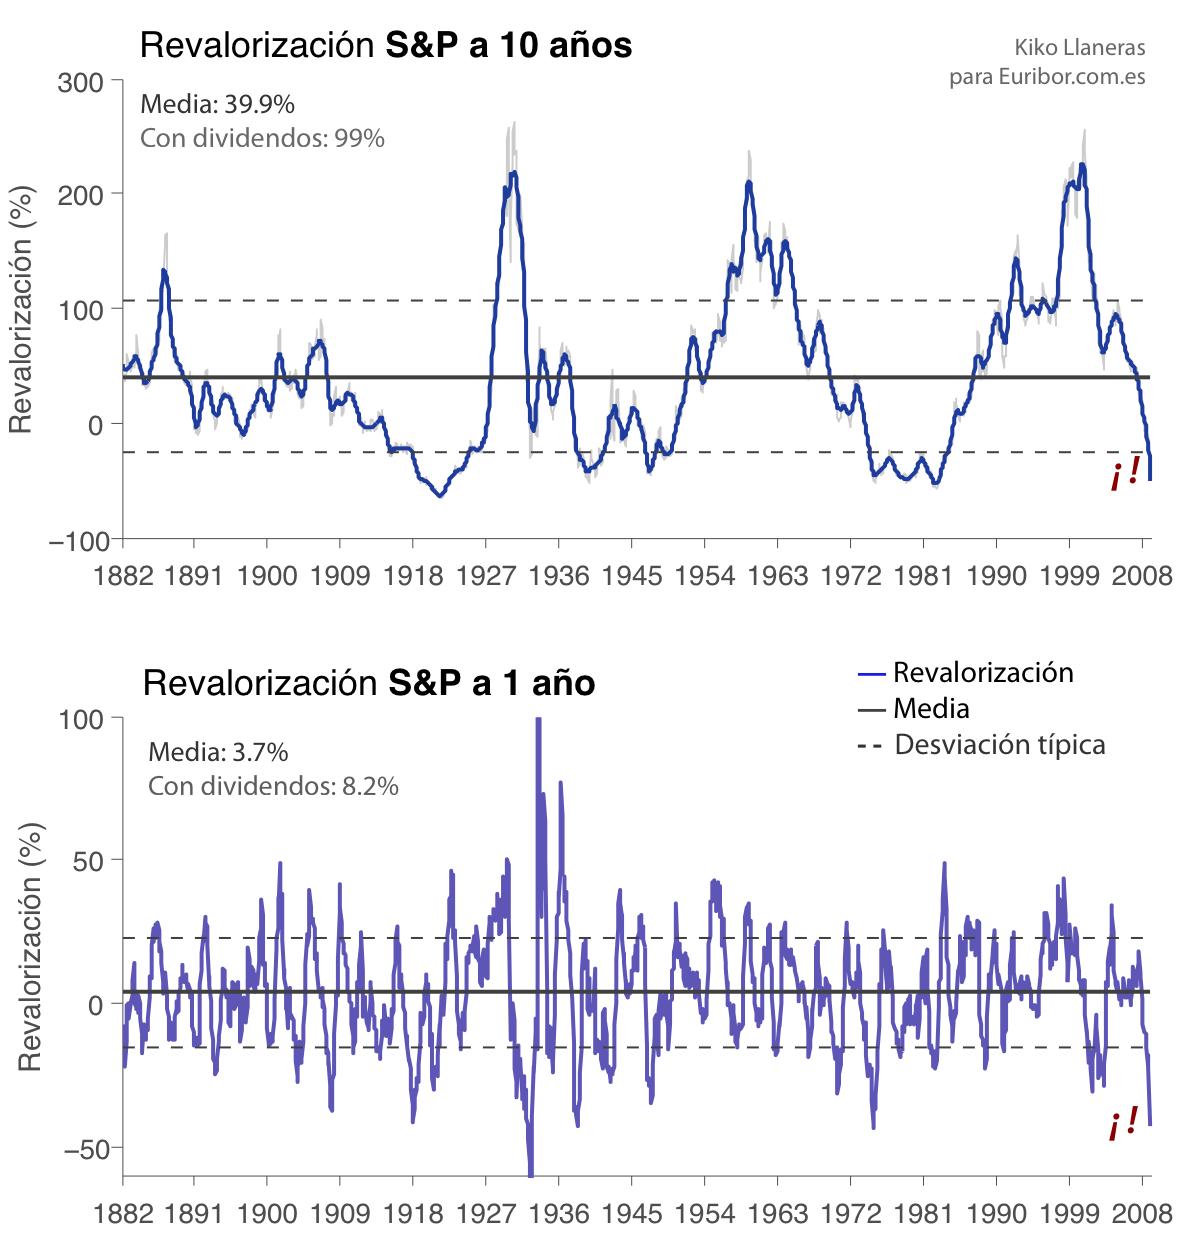 La situación bursátil en perspectiva histórica